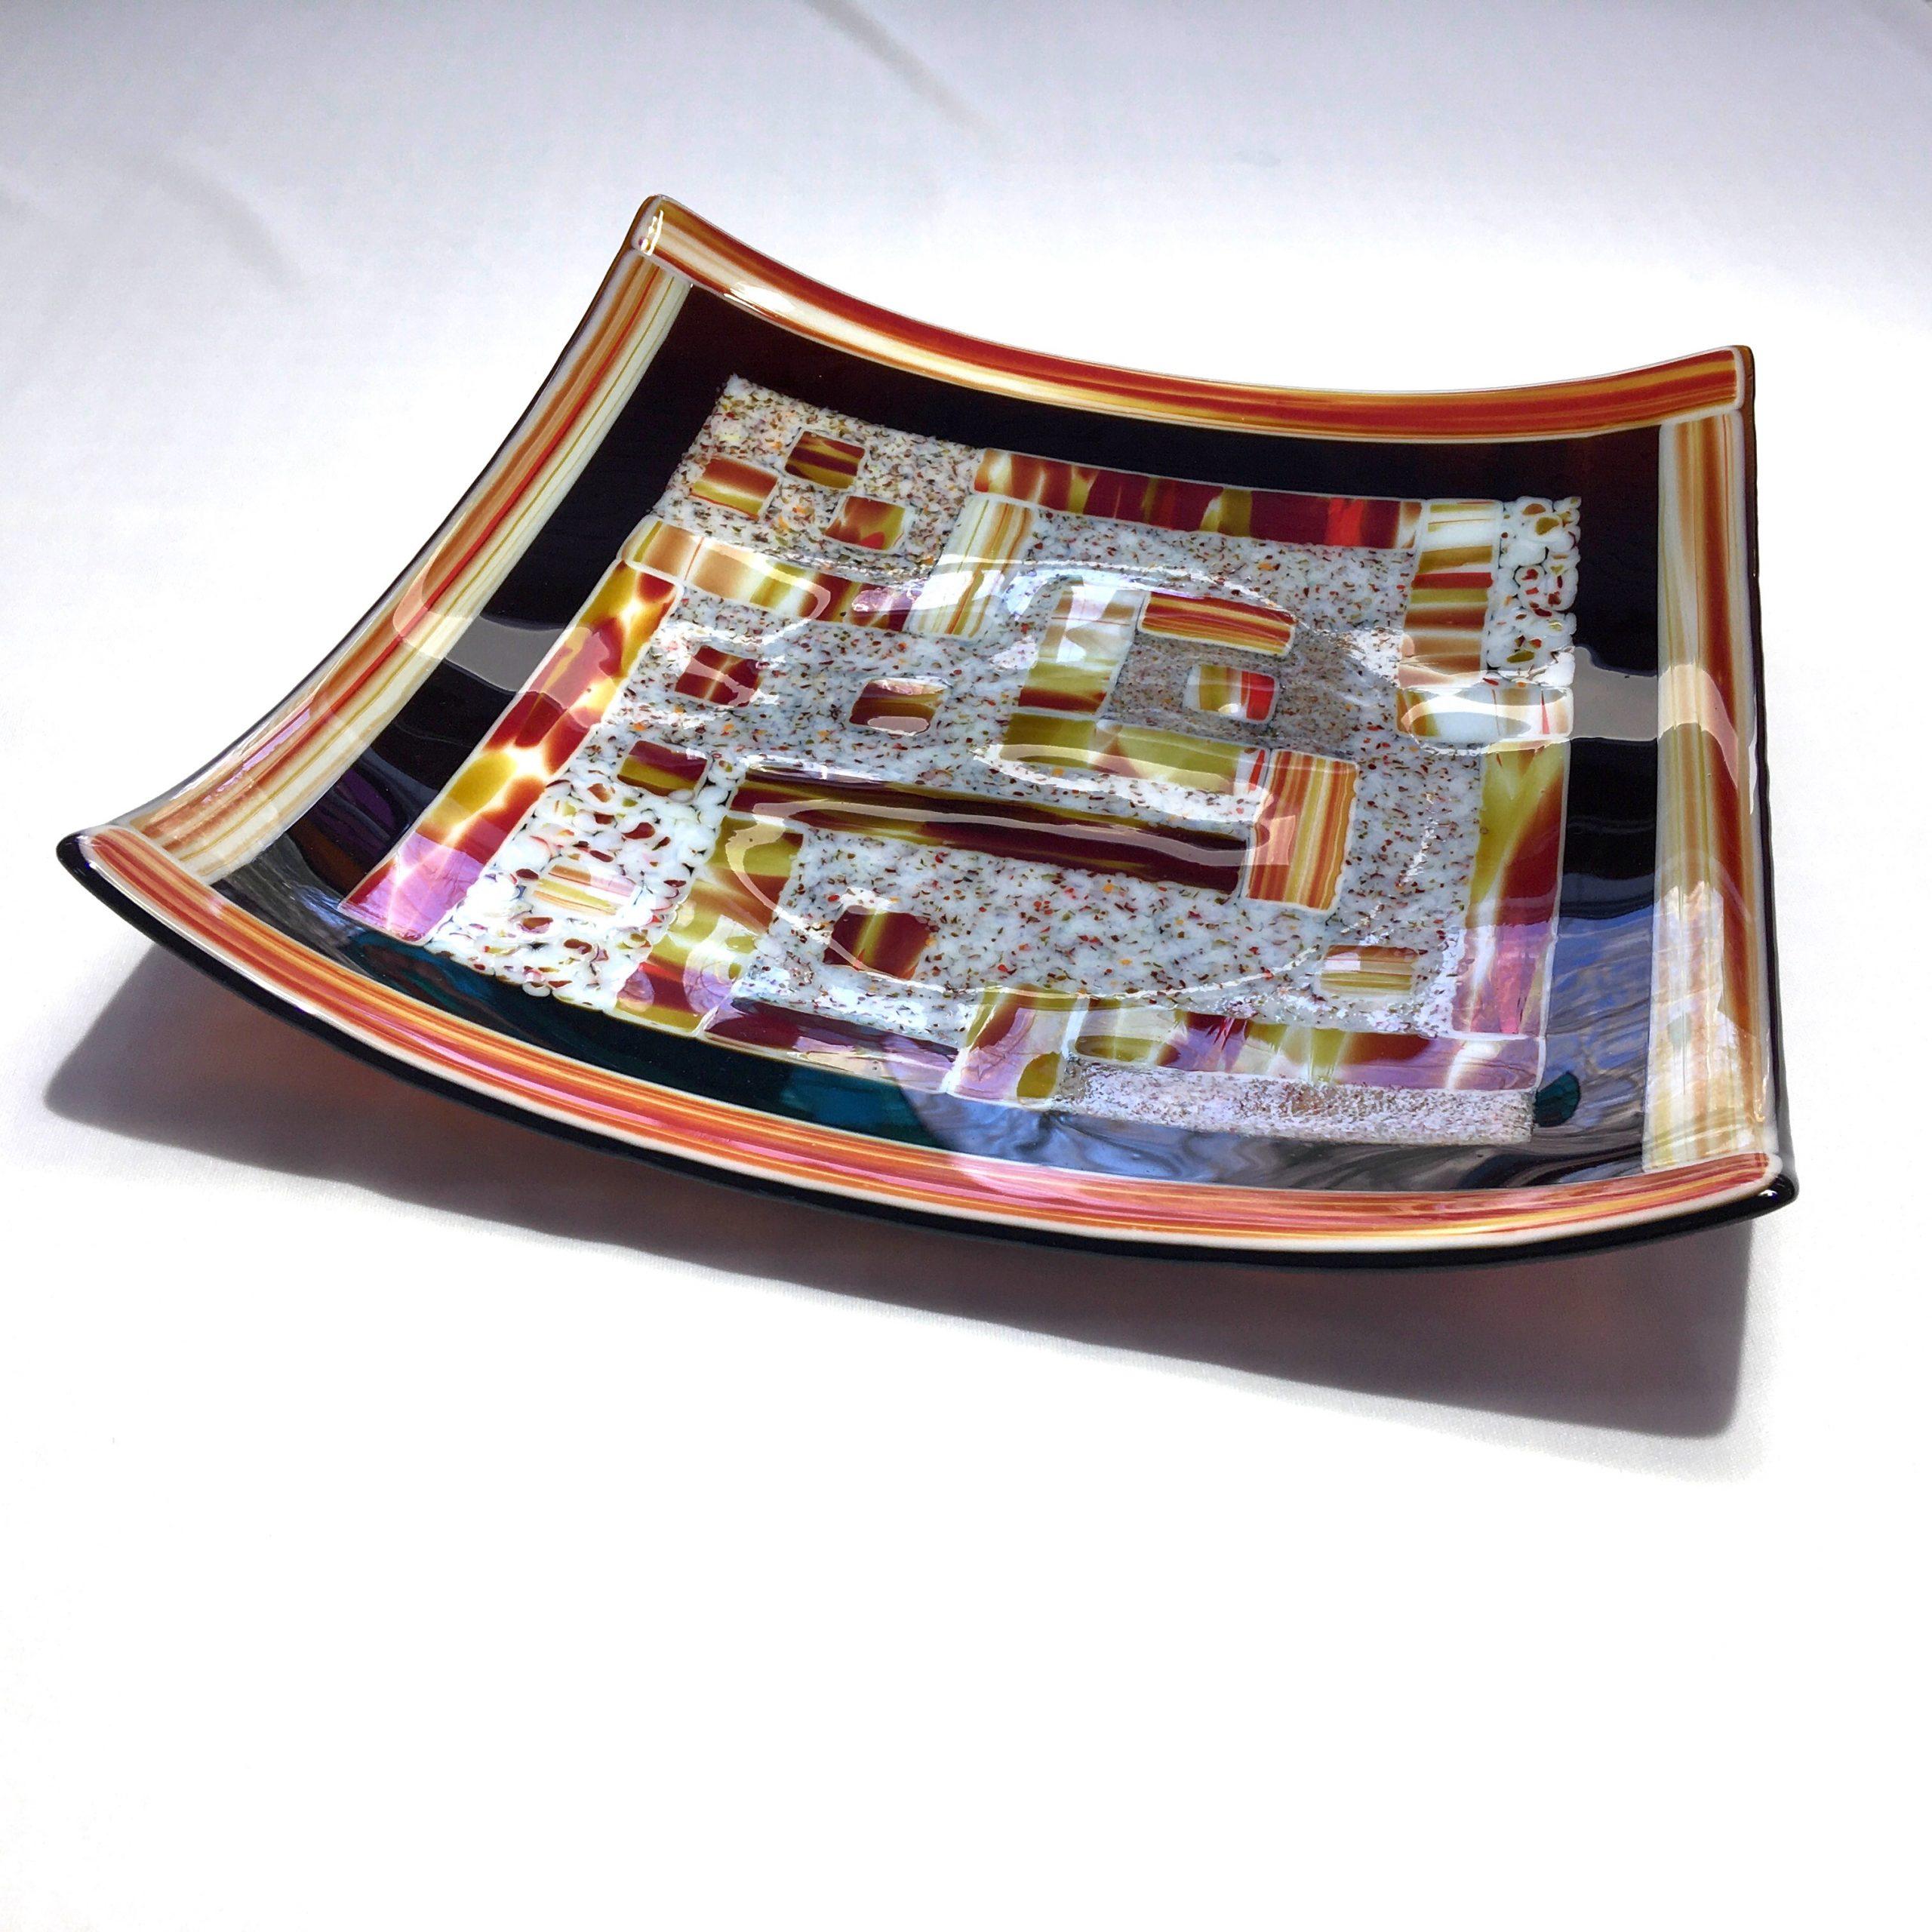 Assiette de service en verre carrée, plat de présentation